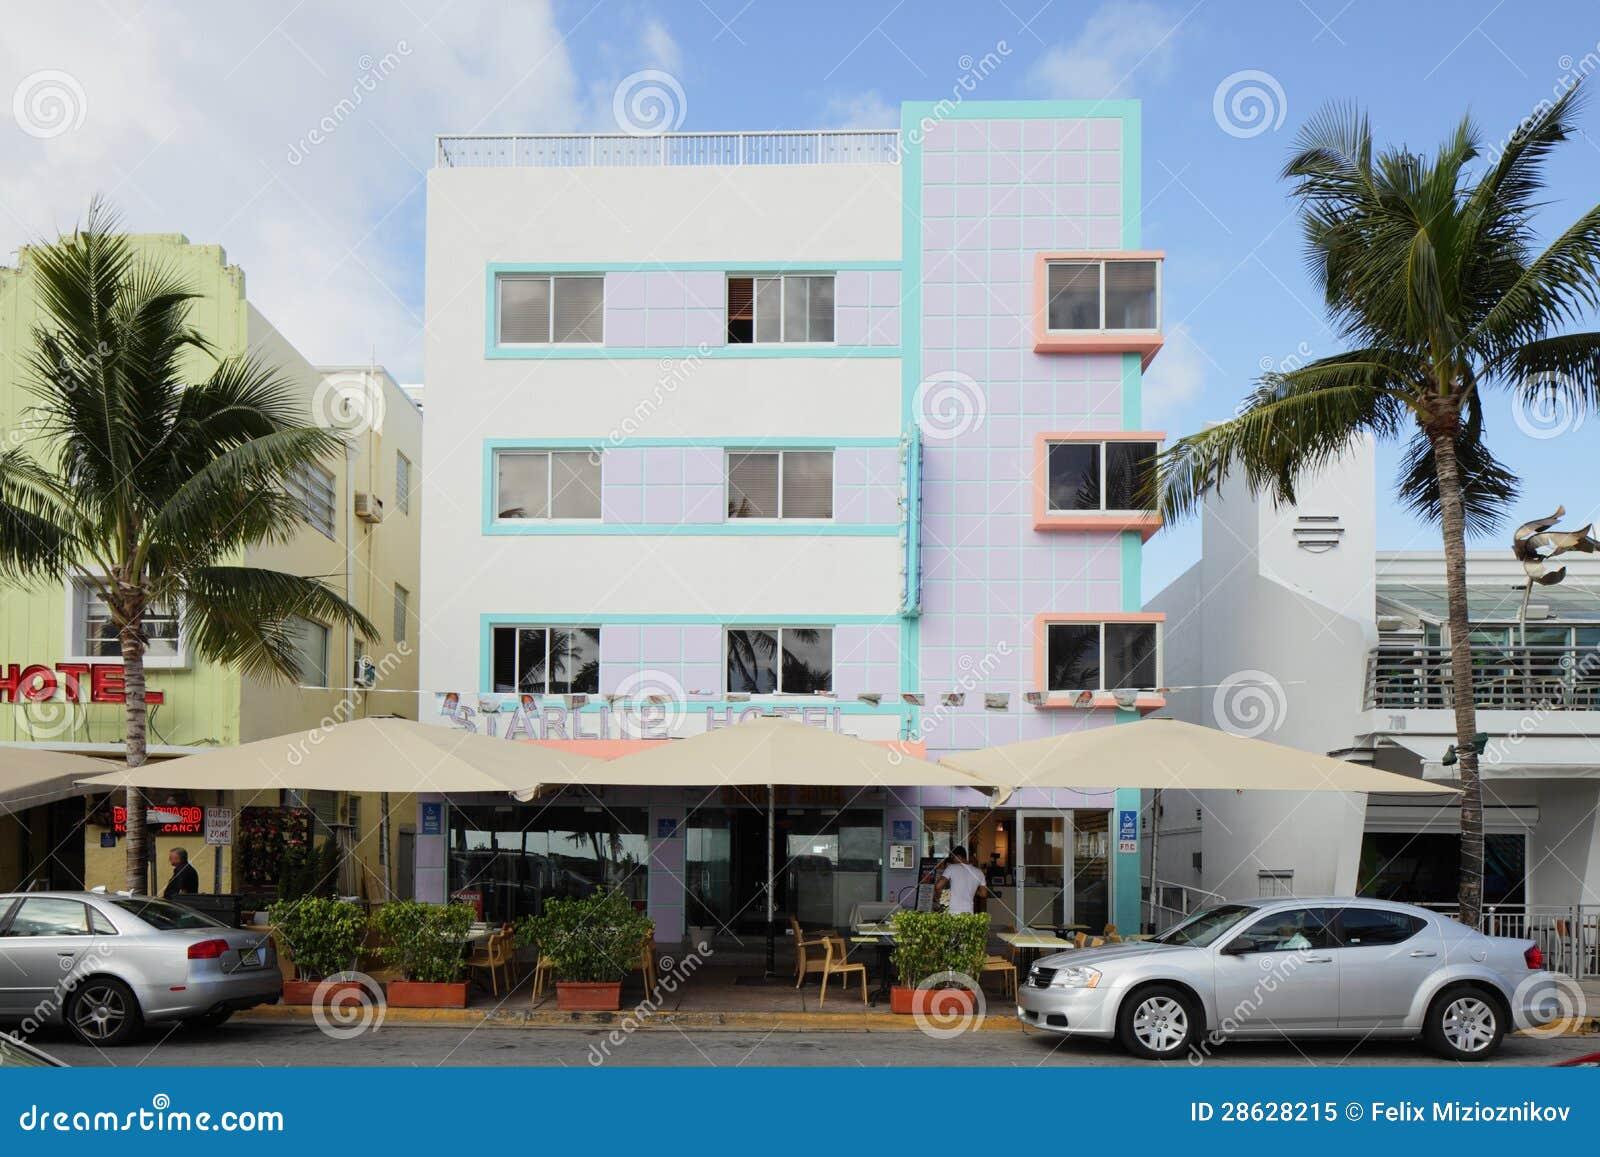 starlite hotel miami beach reviews